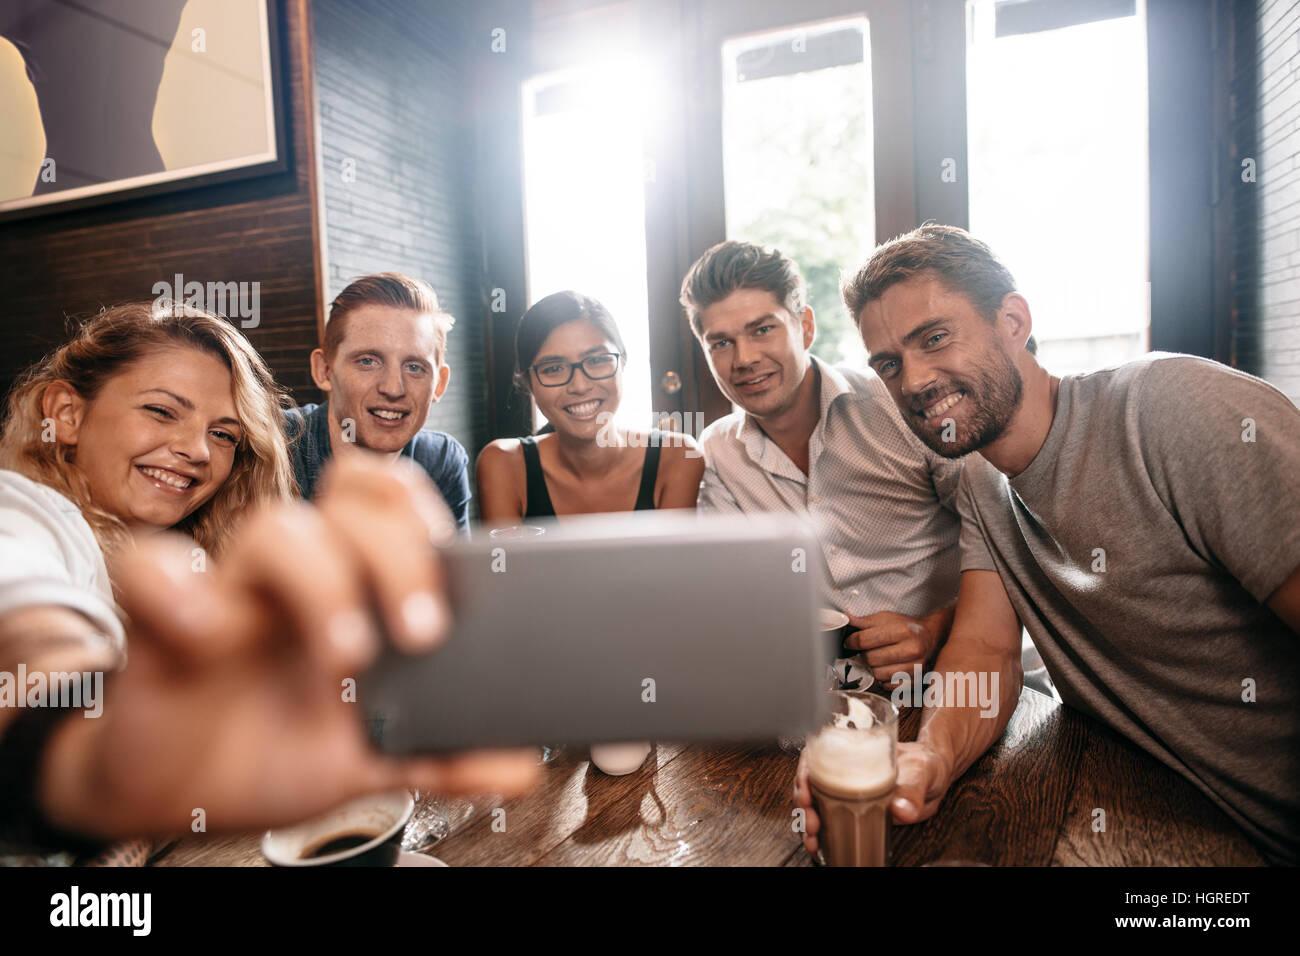 Diversos grupos de amigos tomando selfie en el teléfono inteligente. Los jóvenes, hombres y mujeres, sentados Imagen De Stock